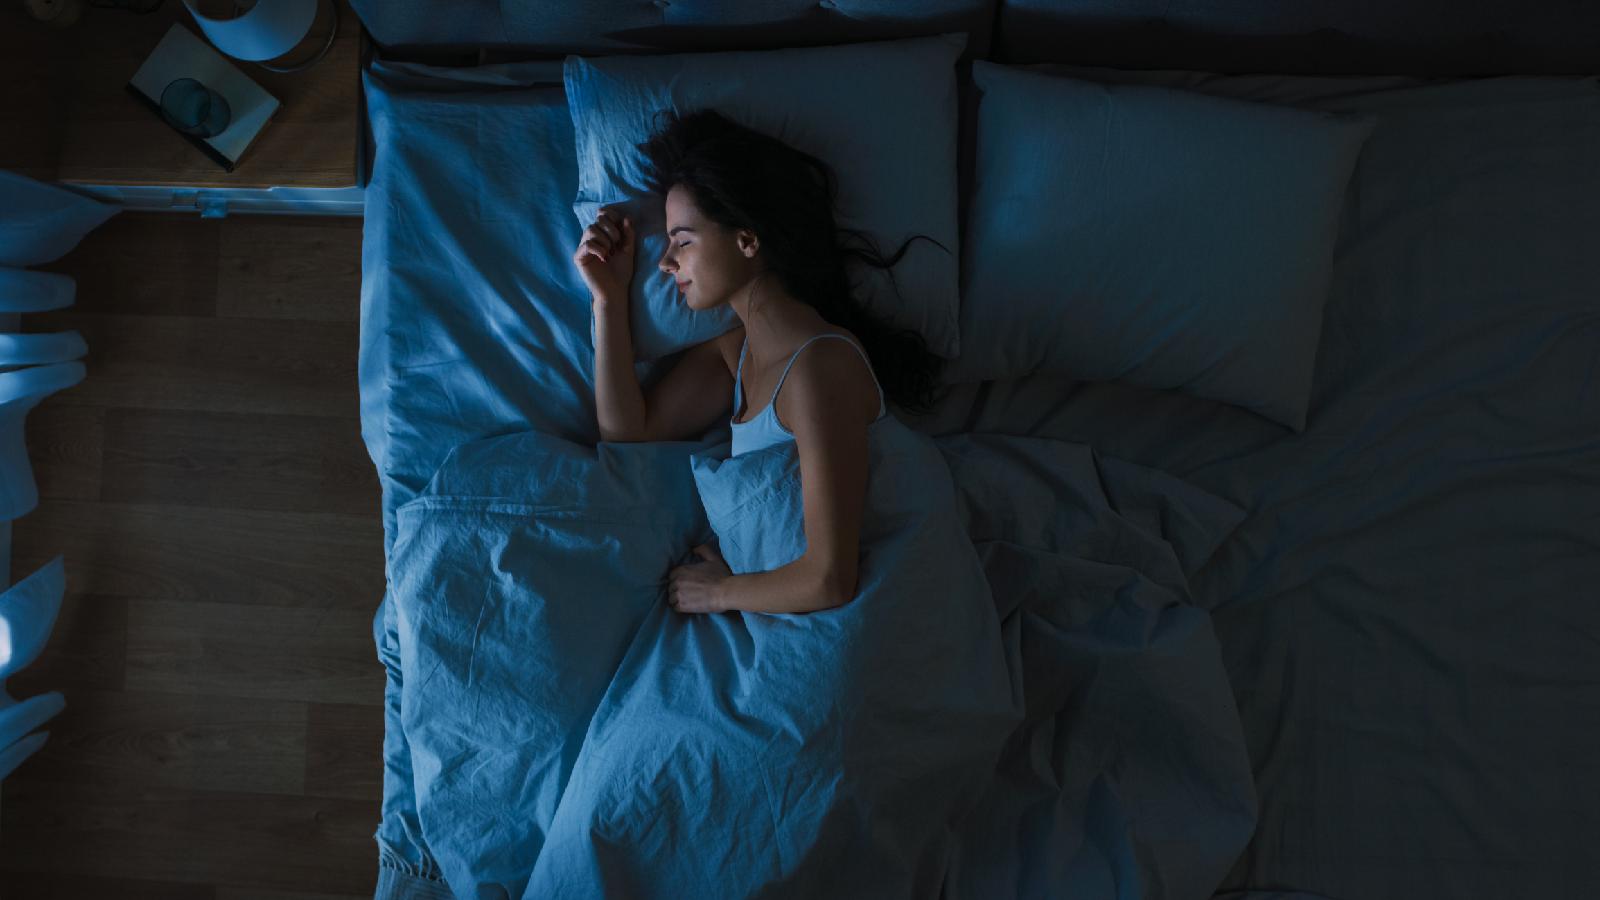 Das verrät Schlafstellung über Gesundheit